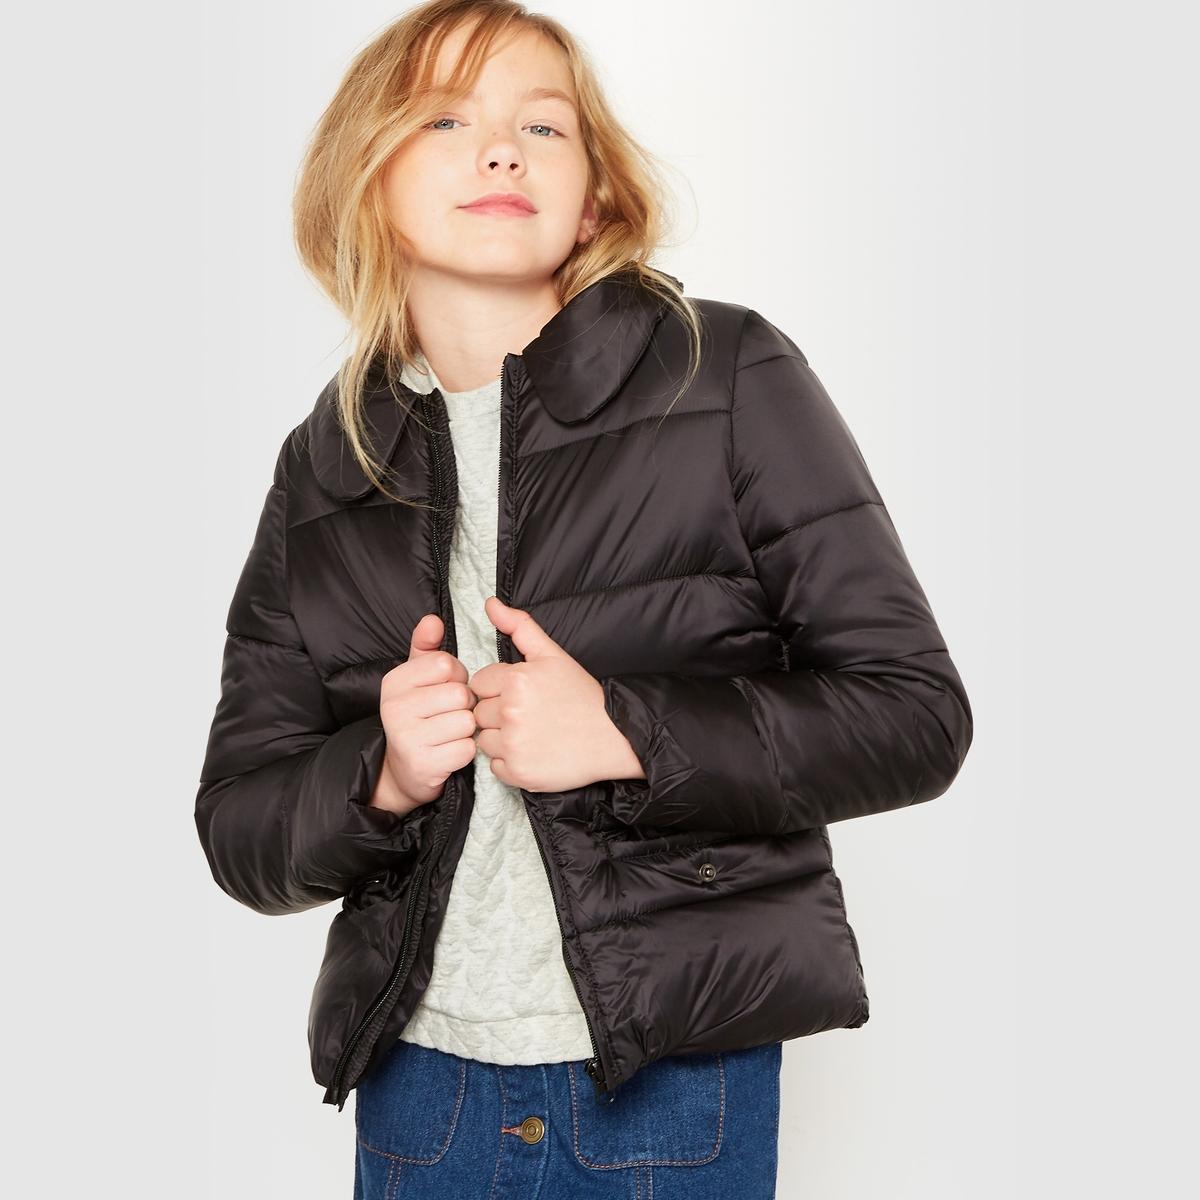 Куртка стёганая, лёгкая, с отложным воротником,  10-16 лет